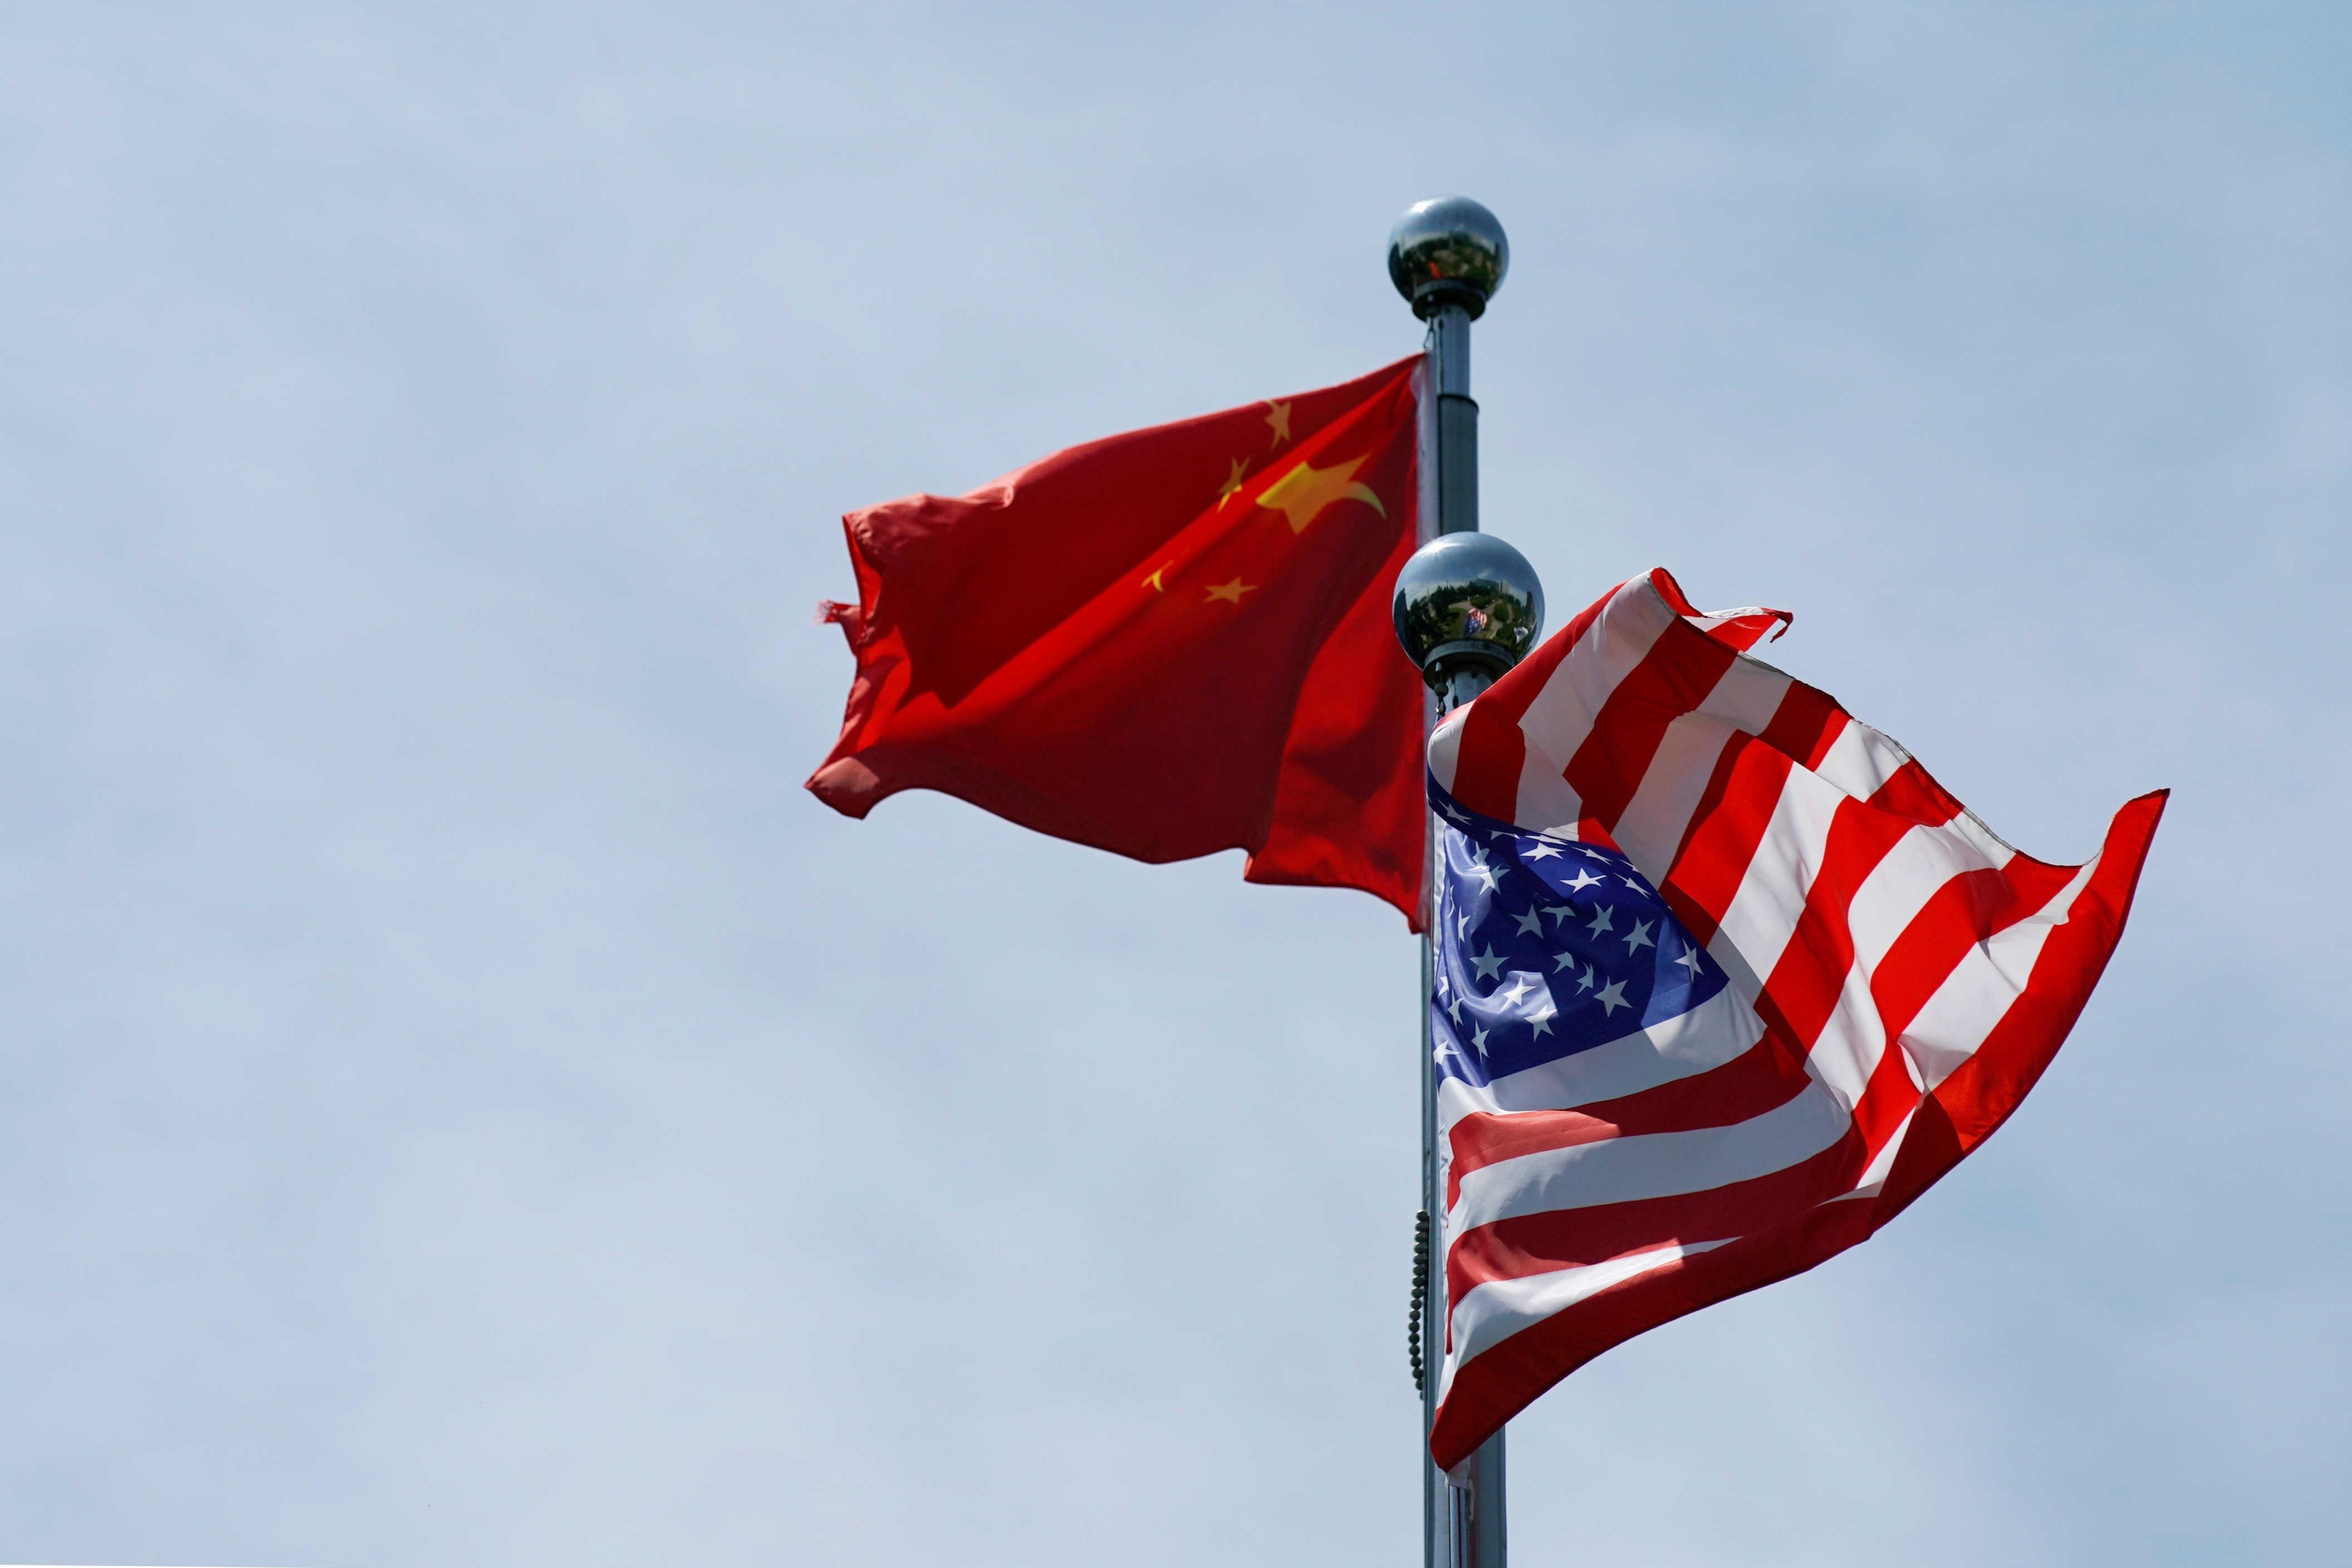 عندما لا تواجه الولايات المتحدة بفعالية التحديات التي تفرضها الصين الجديدة، سيكون عليها تعزيز قدرتها التنافسية للهدف ذاته